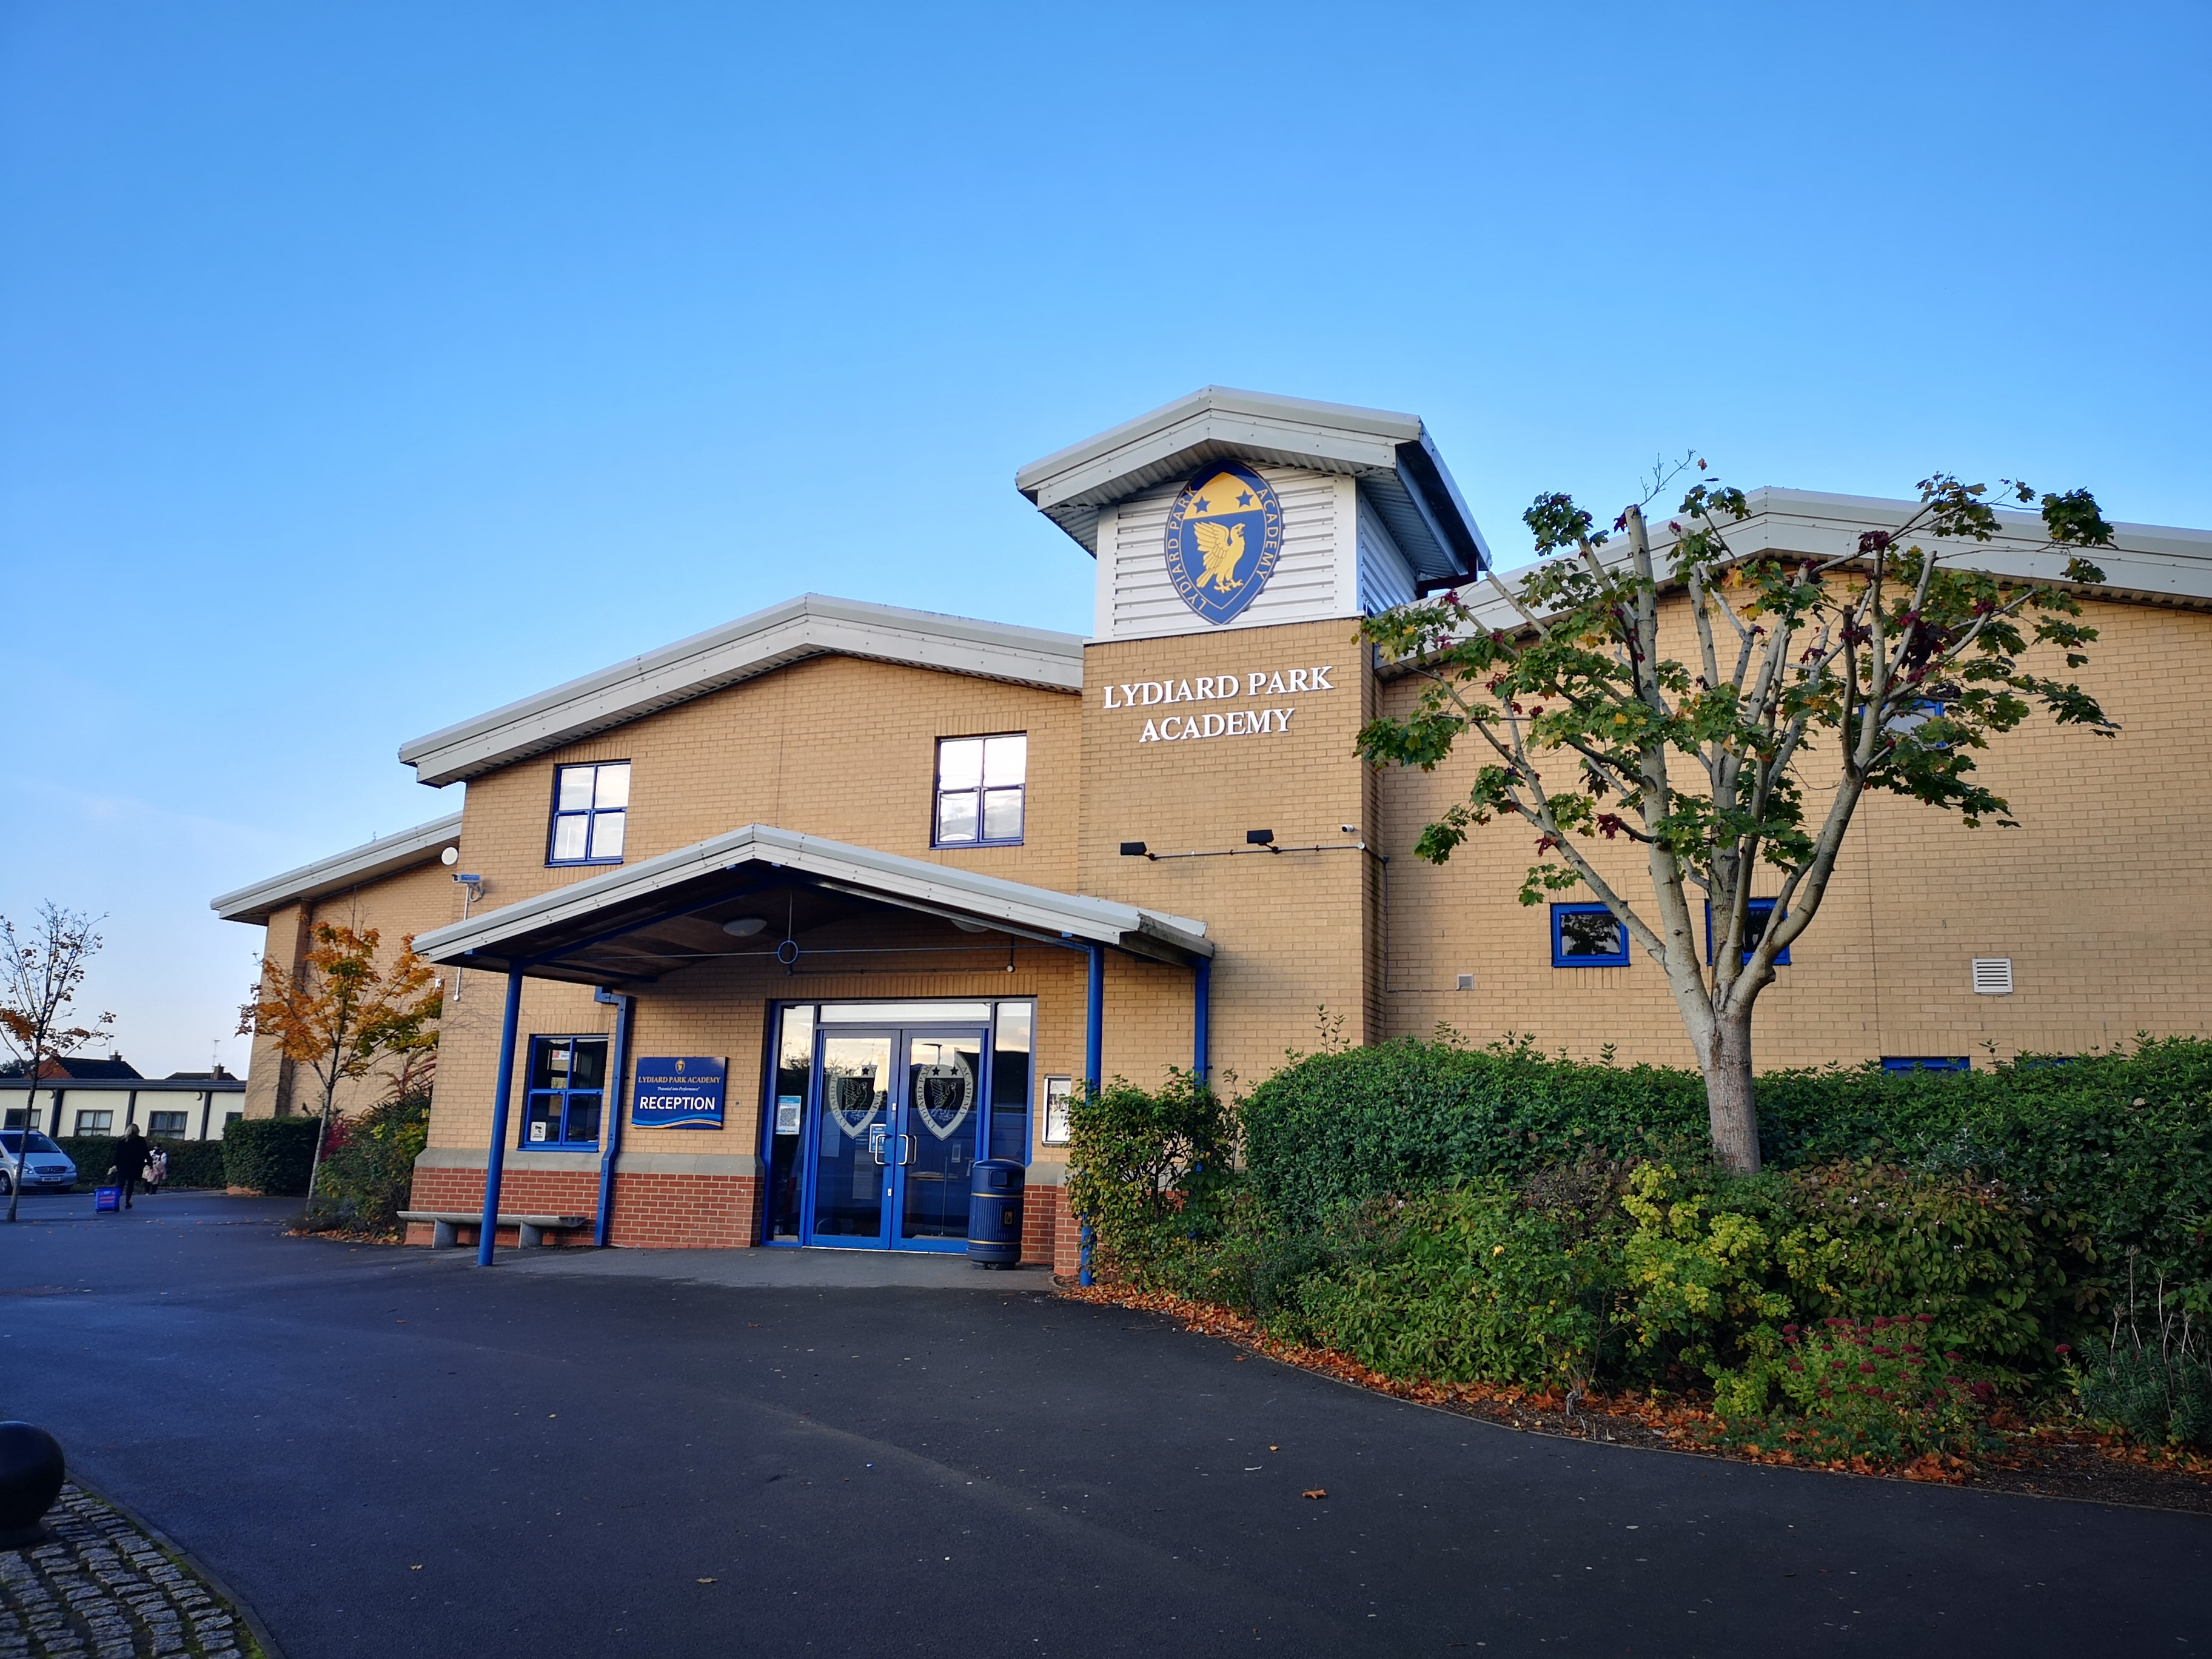 Why Choose Lydiard Park Academy?